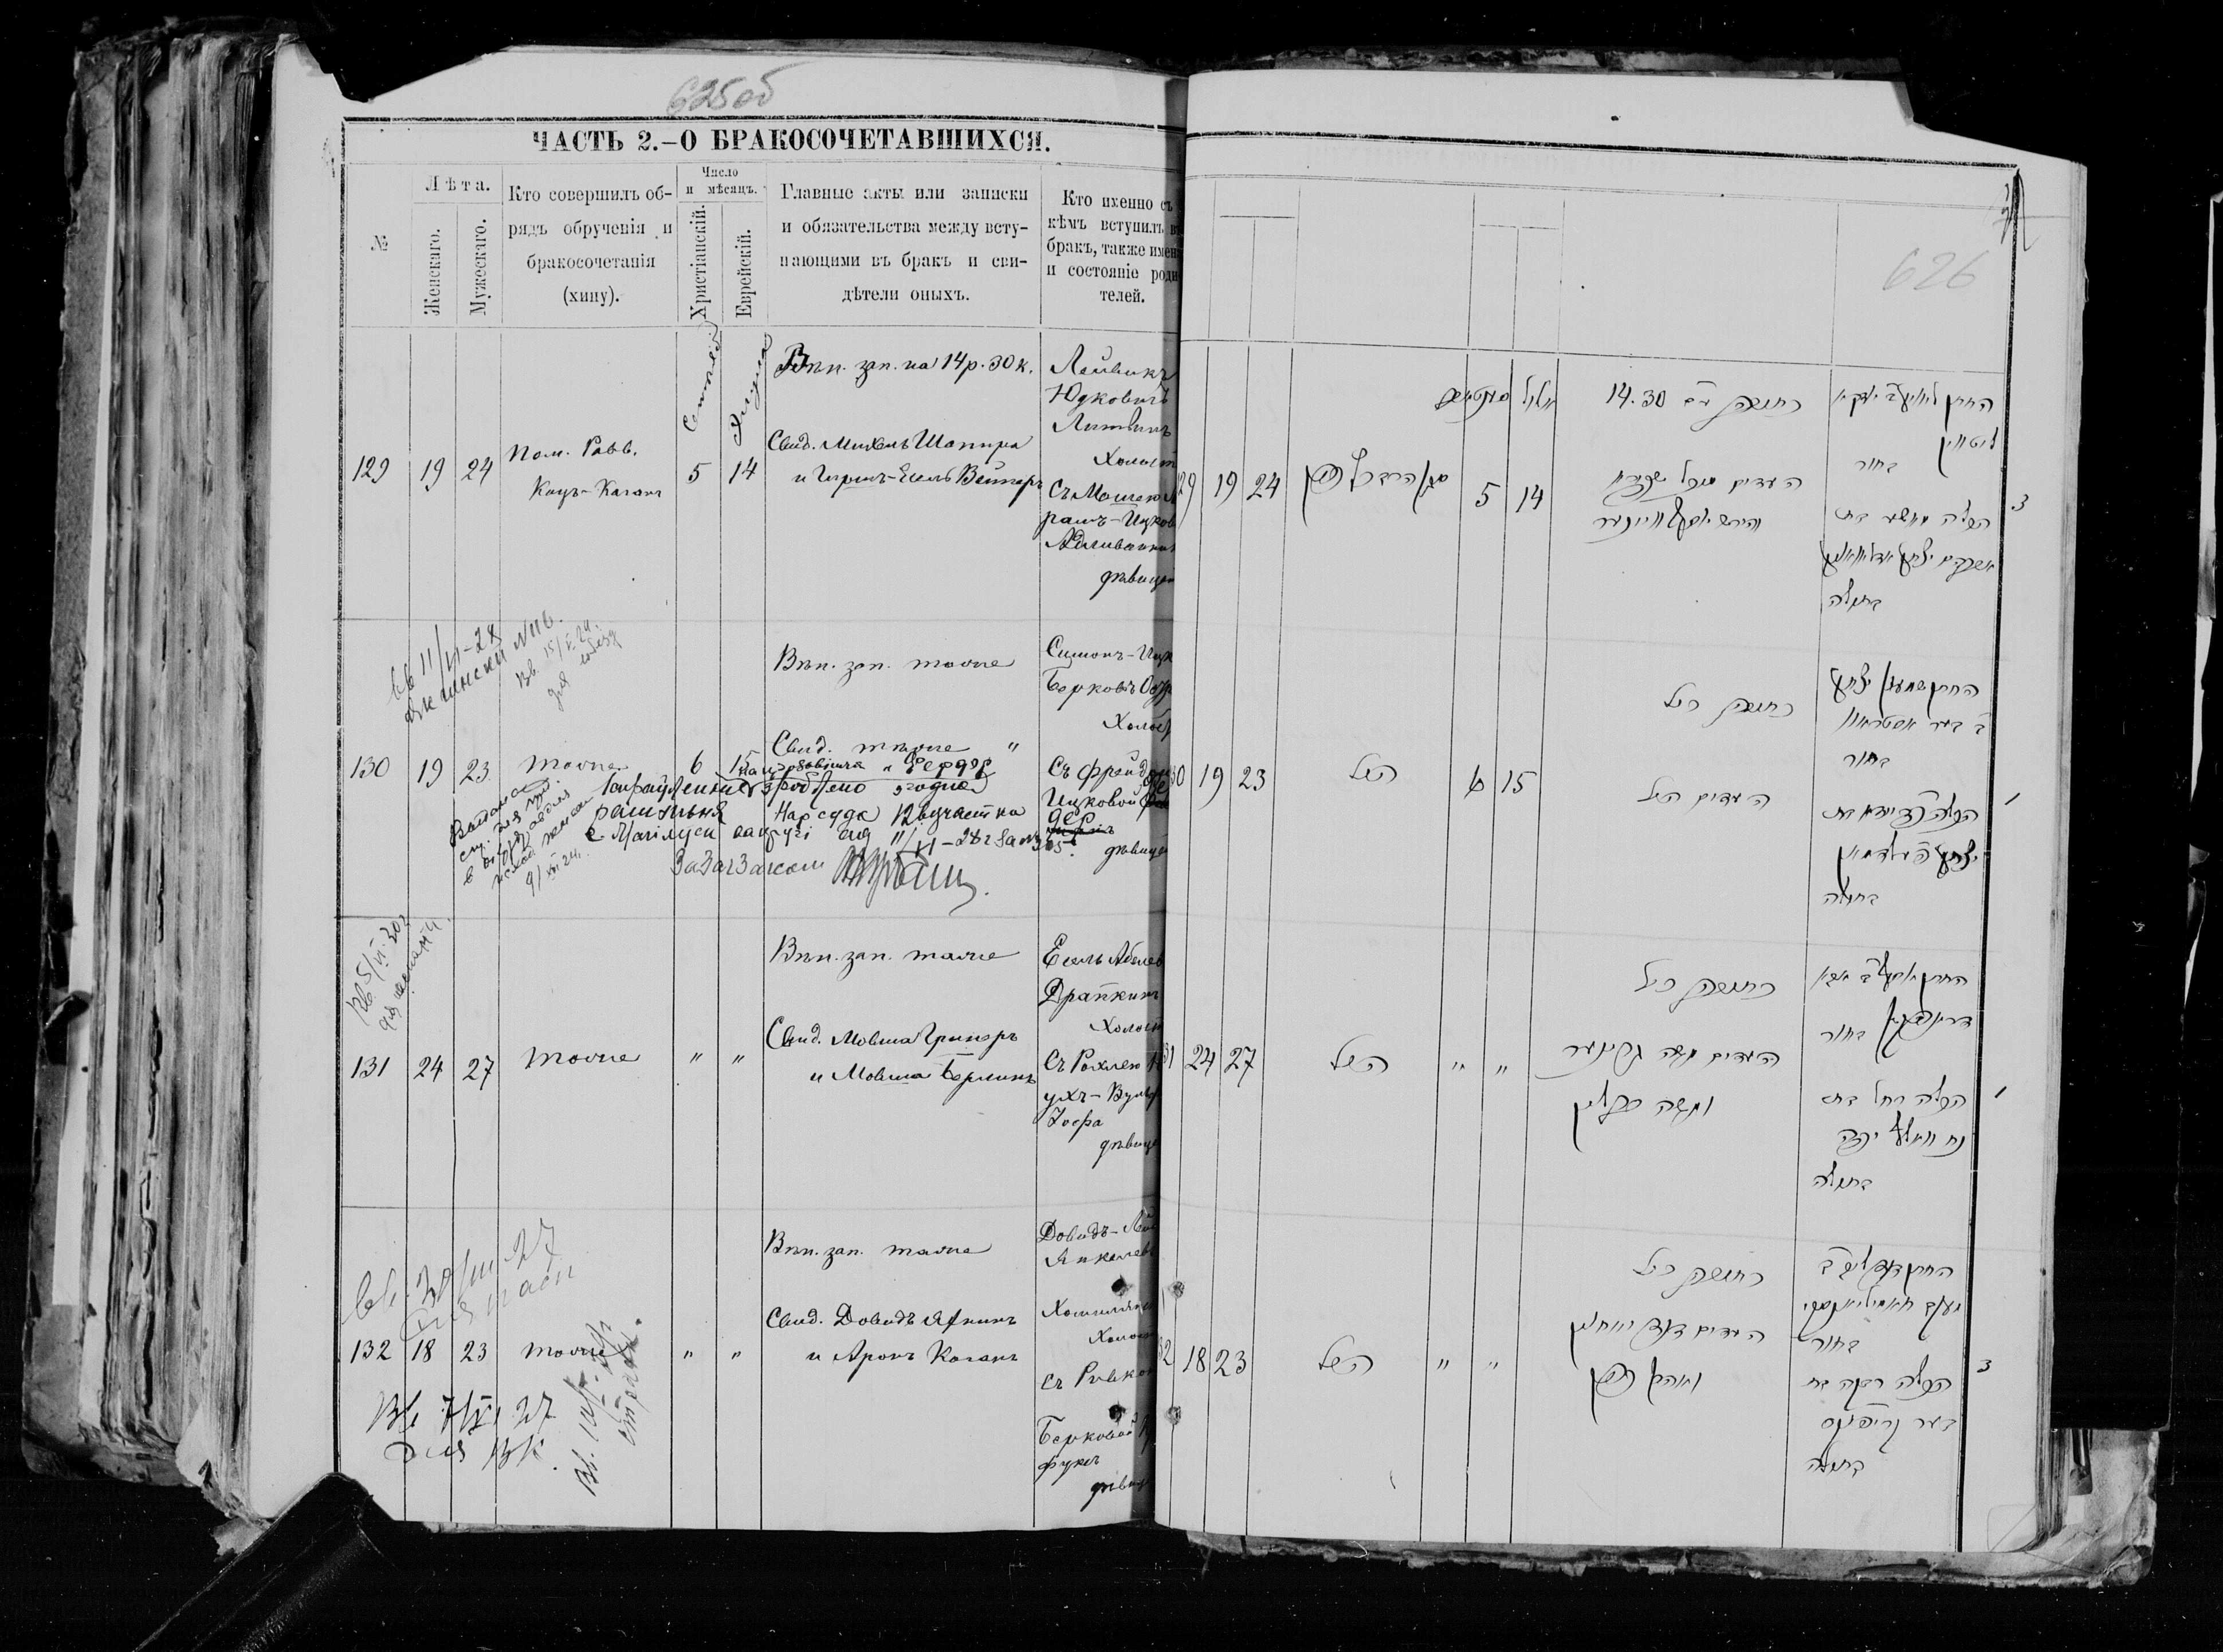 Симон-Ицка Беркович Остров с Фрейдой Фельдман 6 сентября 1891, запись 130, пленка 004563097, снимок 24